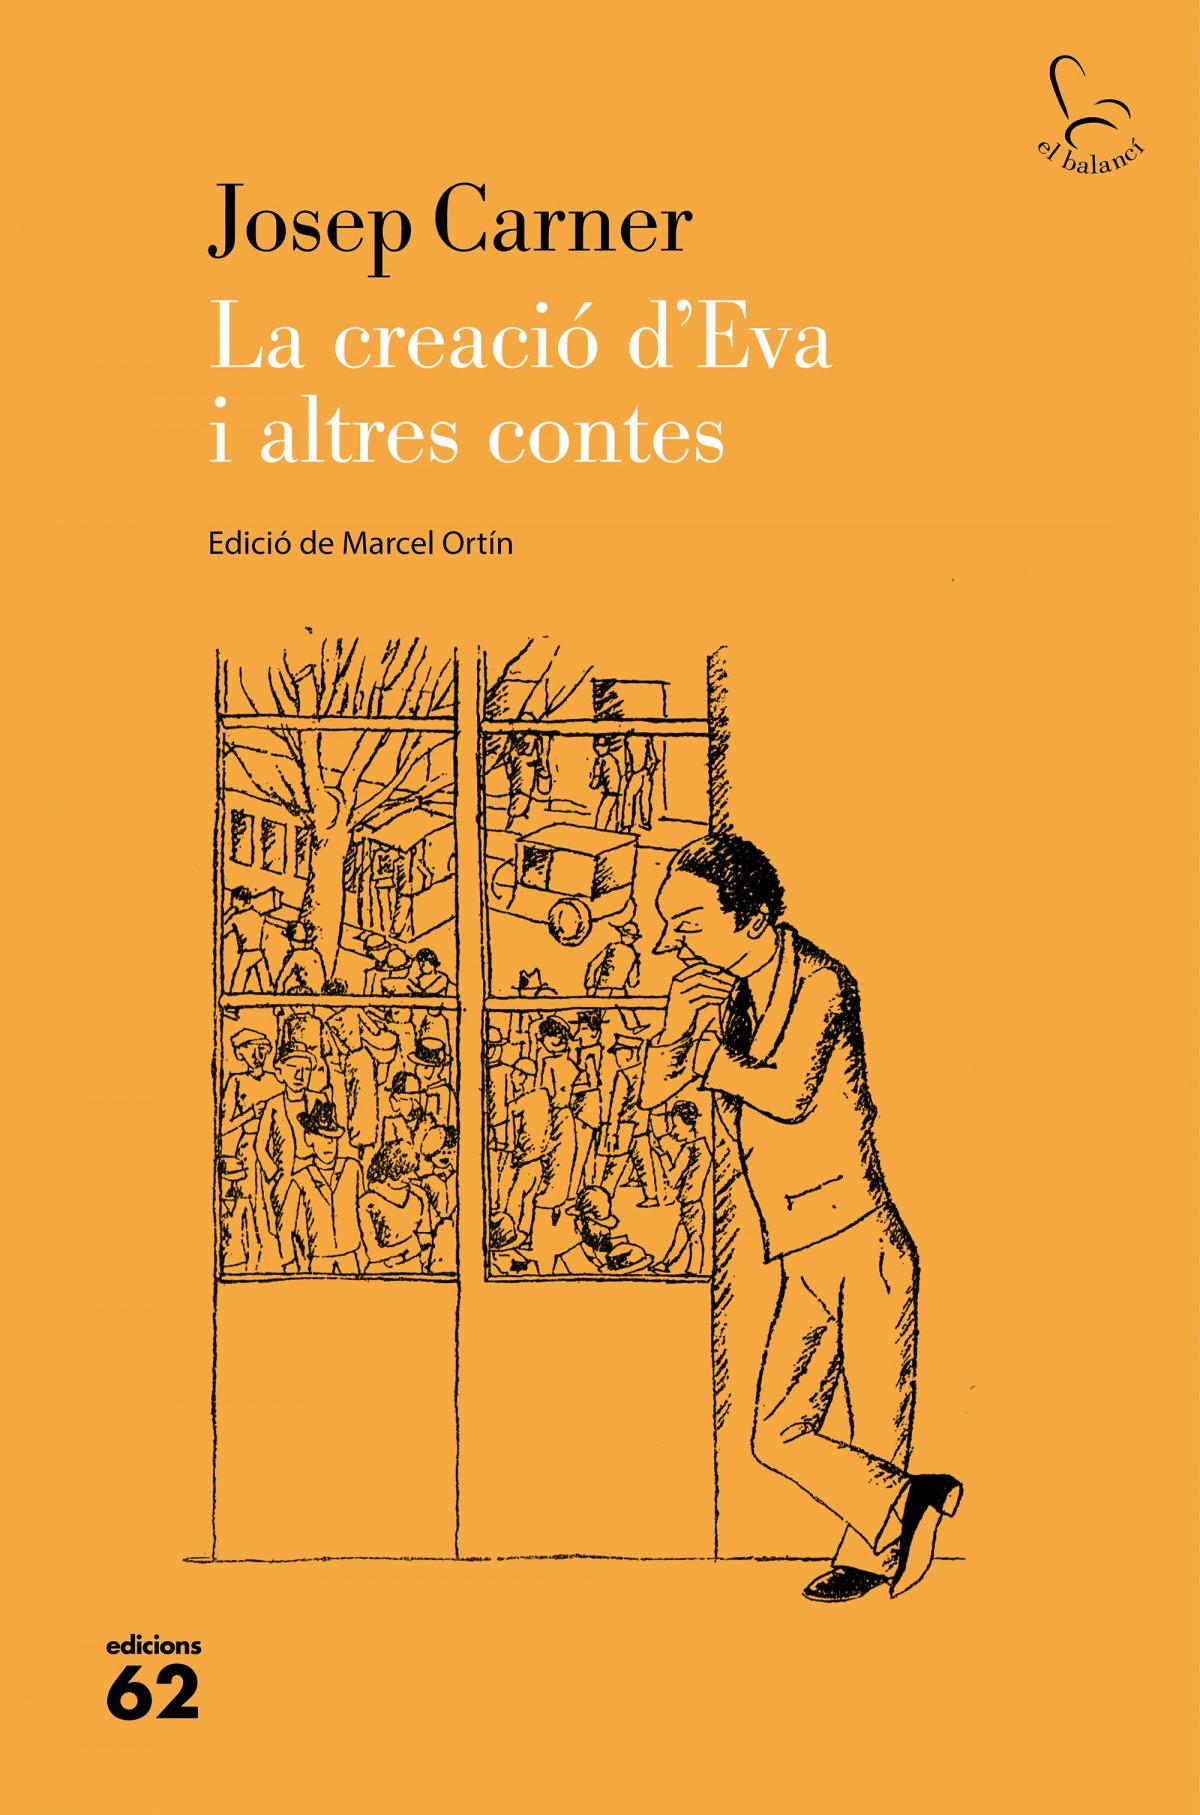 La creació d'Eva i altres contes